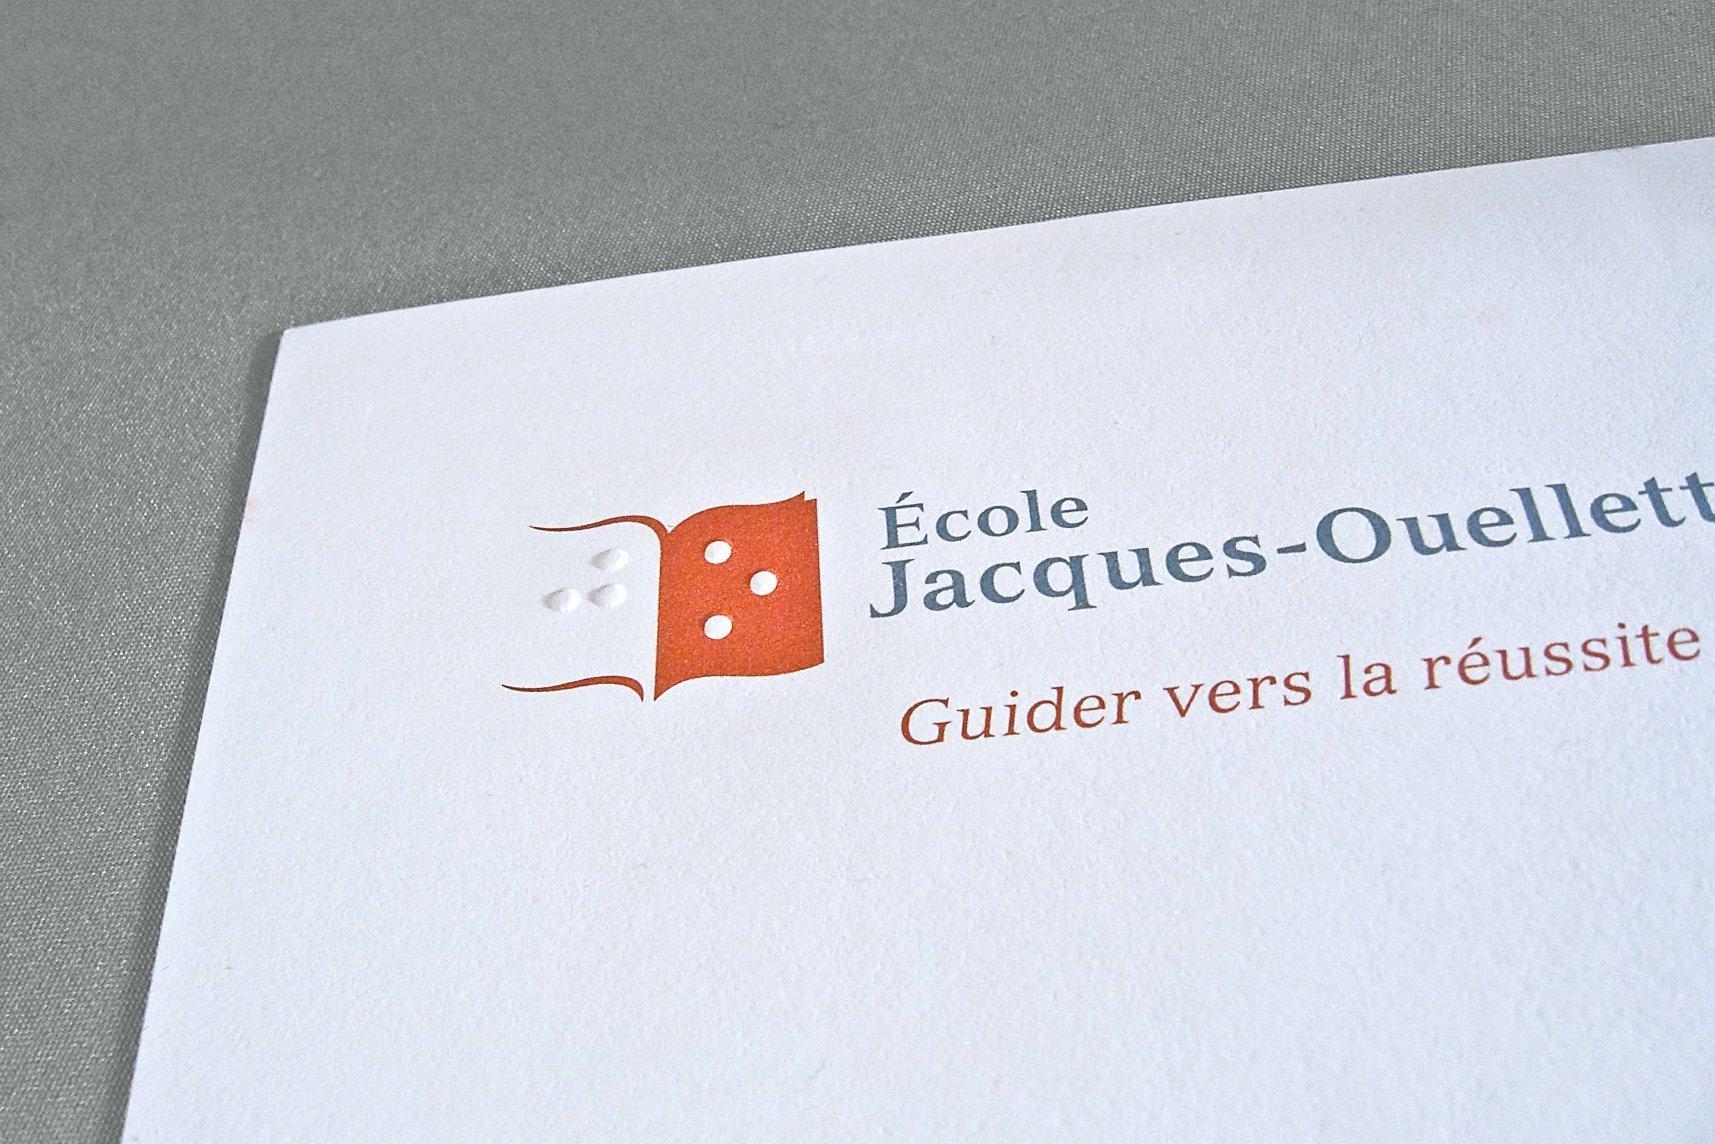 ejo-logo-papeterie École Jacques Ouellette - Fondation